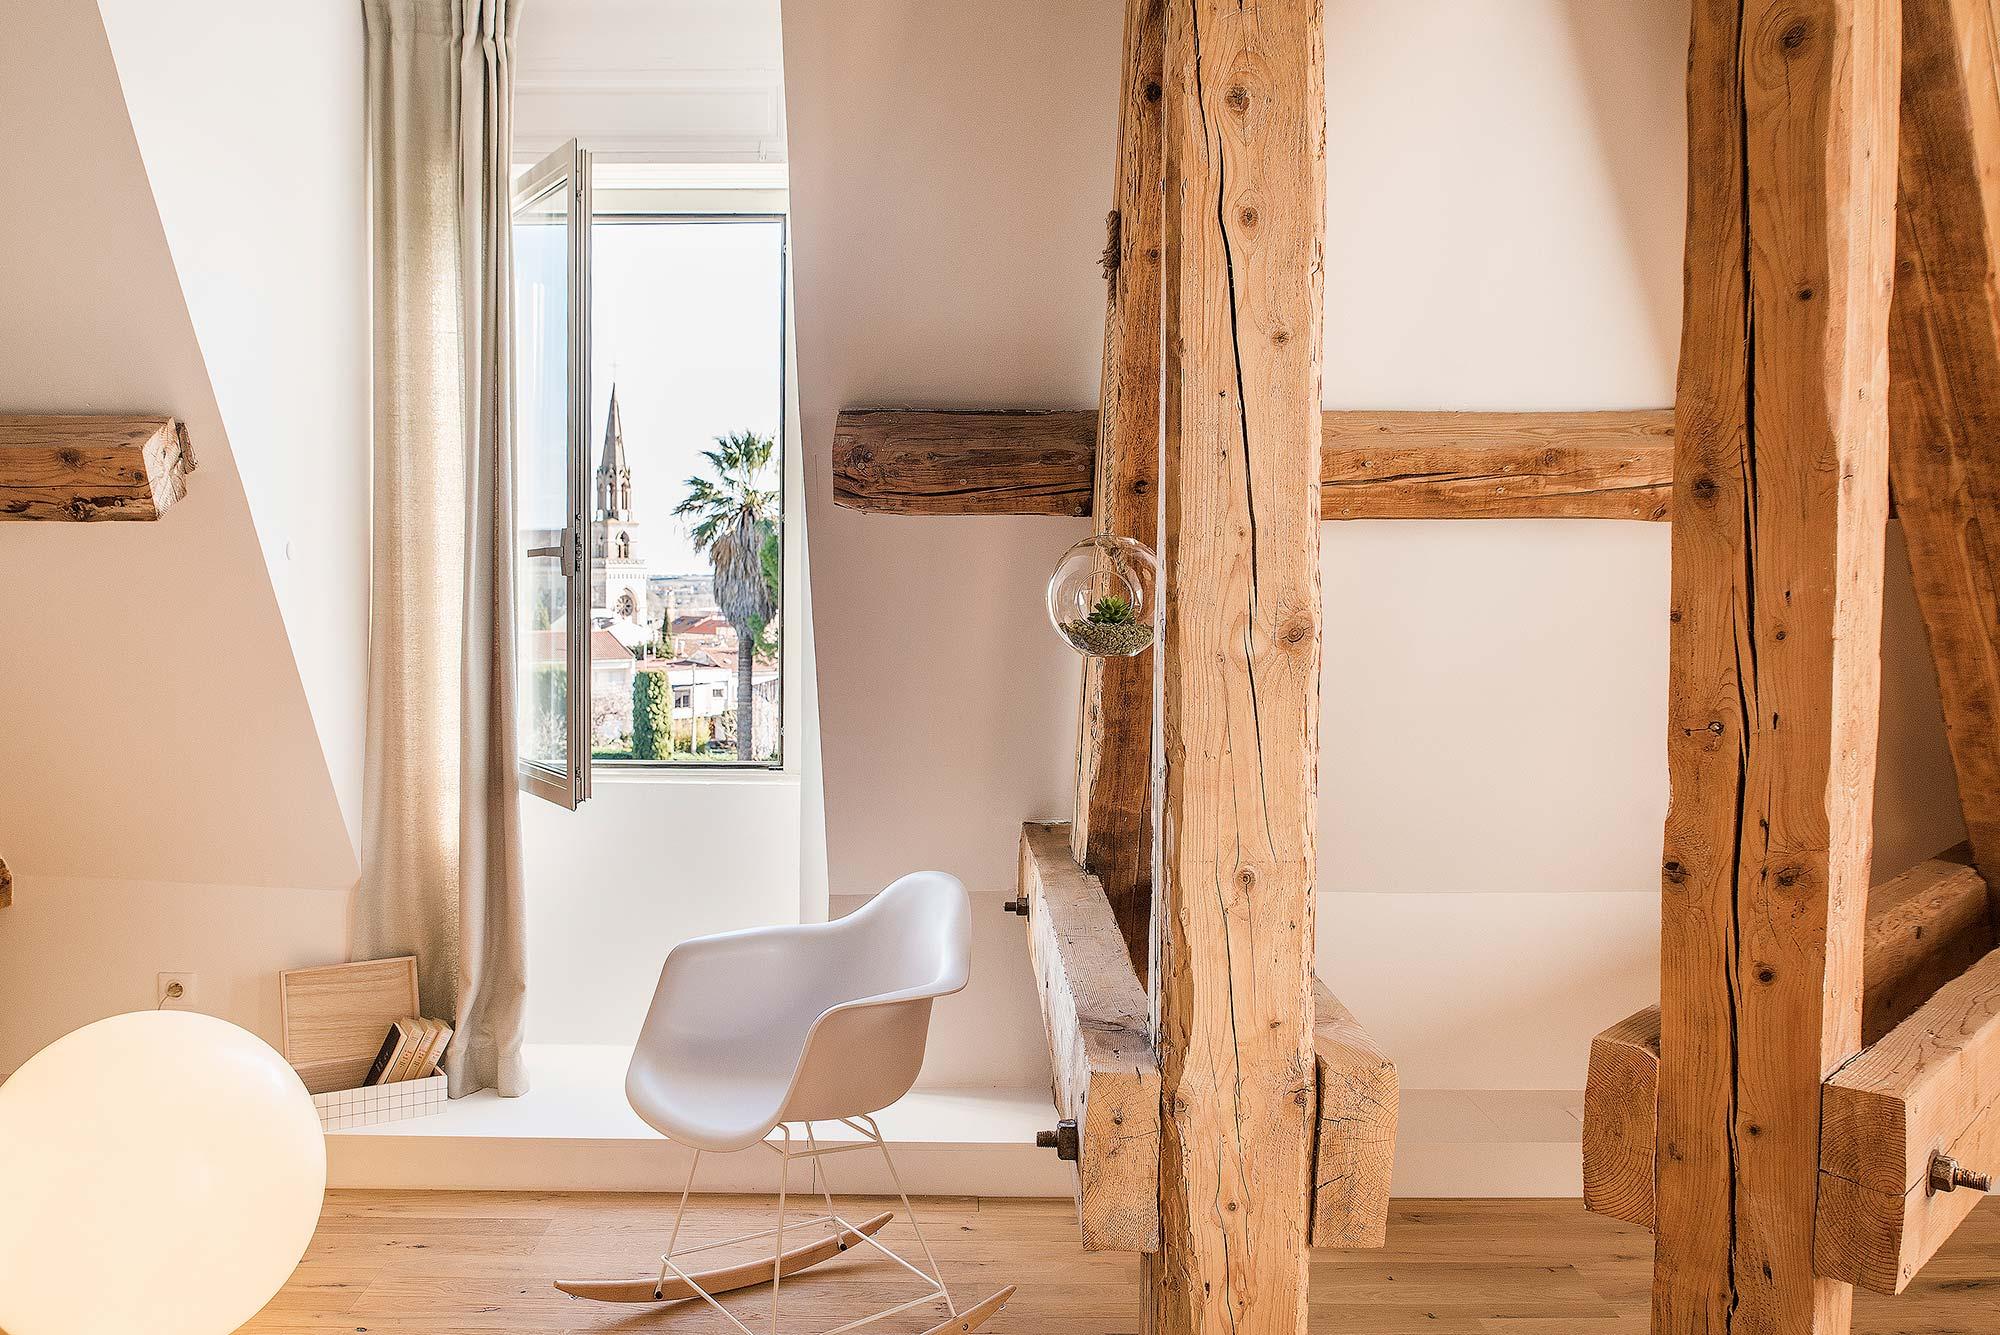 Chambre décorée avec poutres apparentes et rocking chair